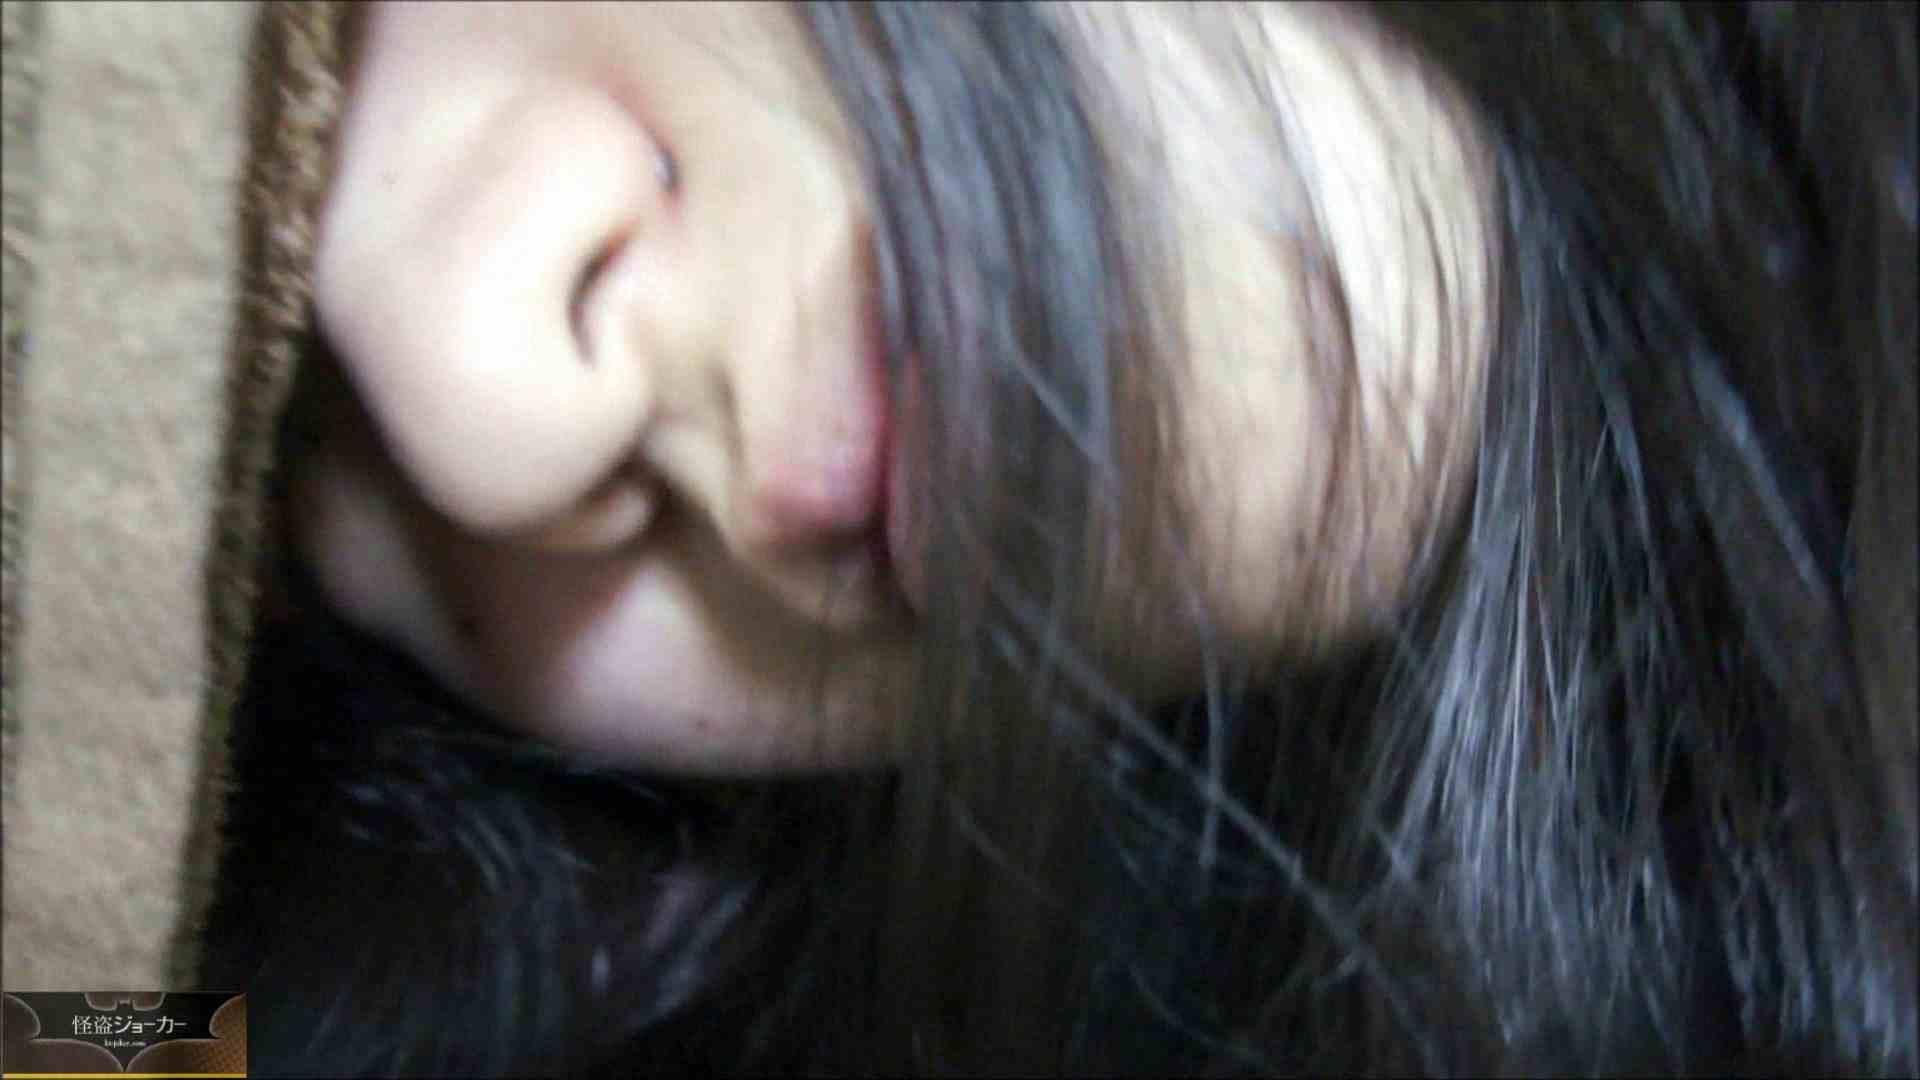 【未公開】vol.26 目民るレイカを突いて・・・ 学校潜伏 盗撮セックス無修正動画無料 76pic 2